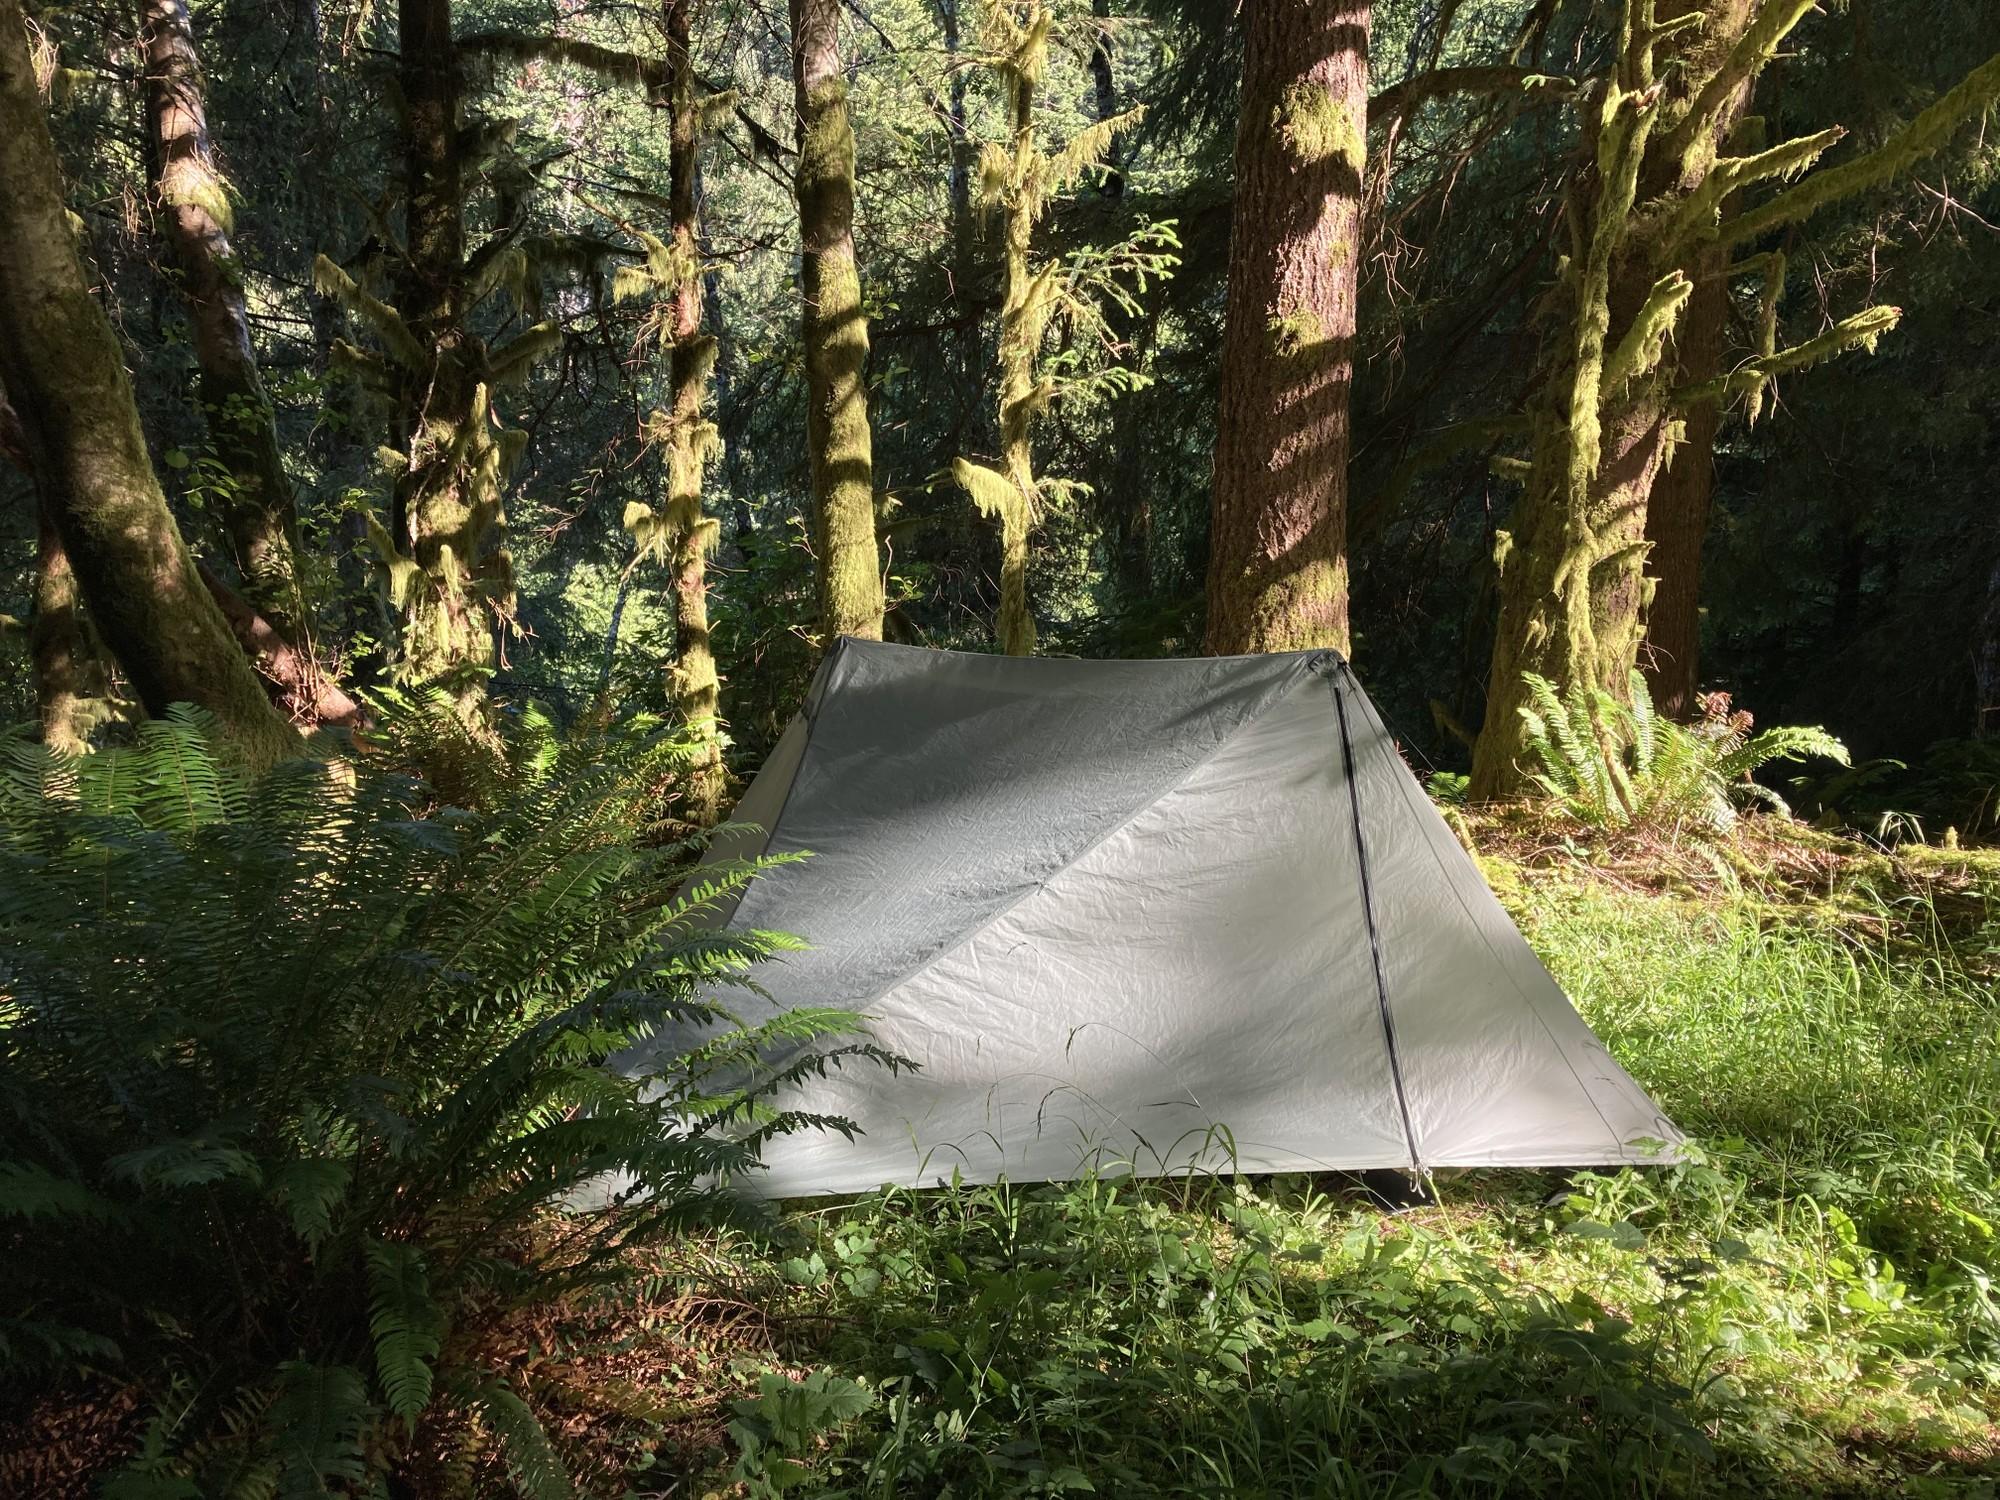 backpackinglight.com